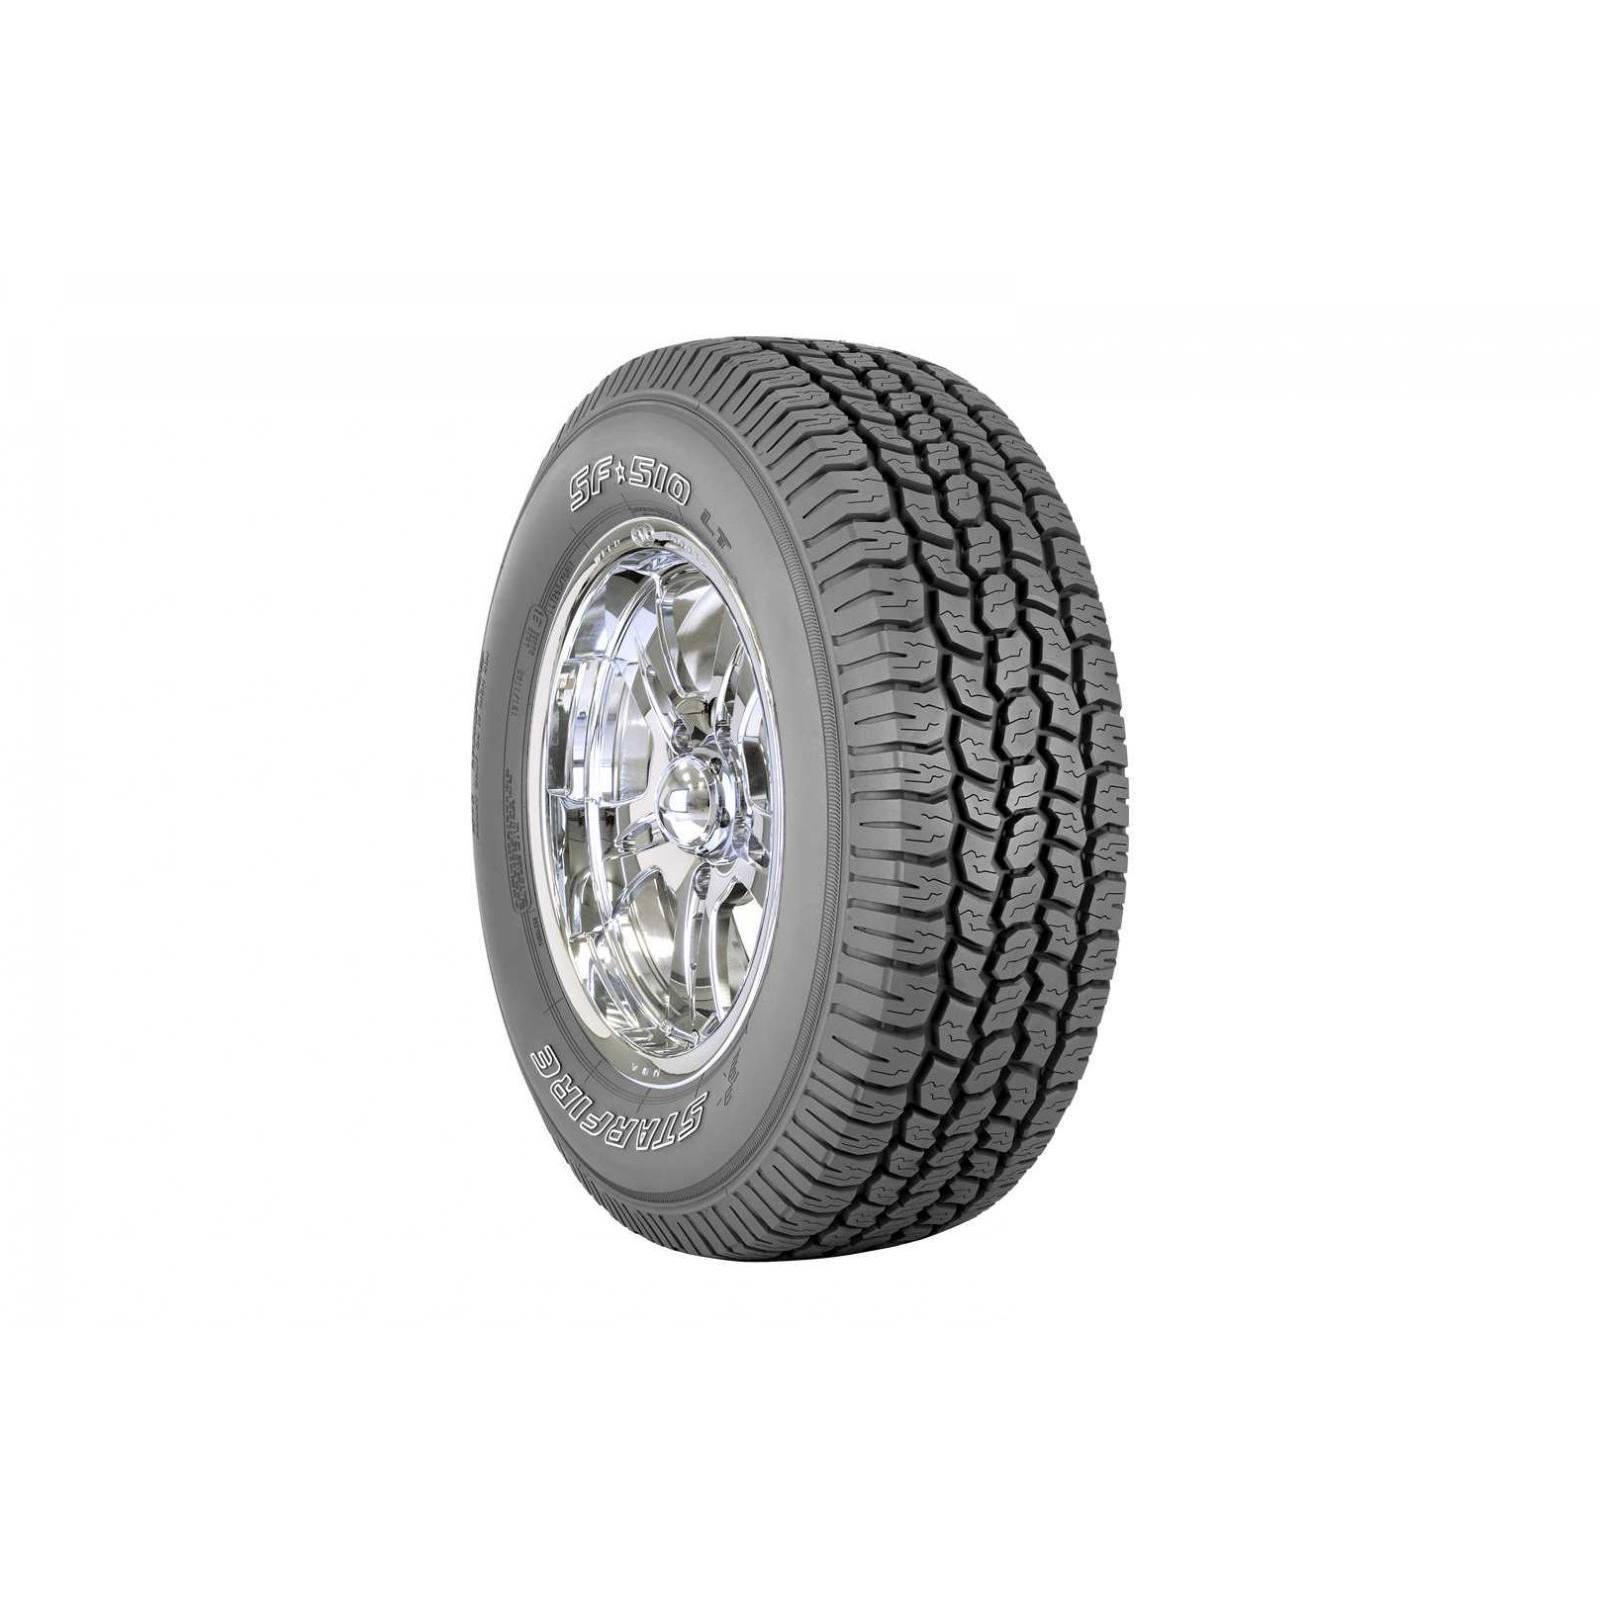 Starfire SF-510 LT All Season Tire - LT285/75R16 LRD/8 pl...